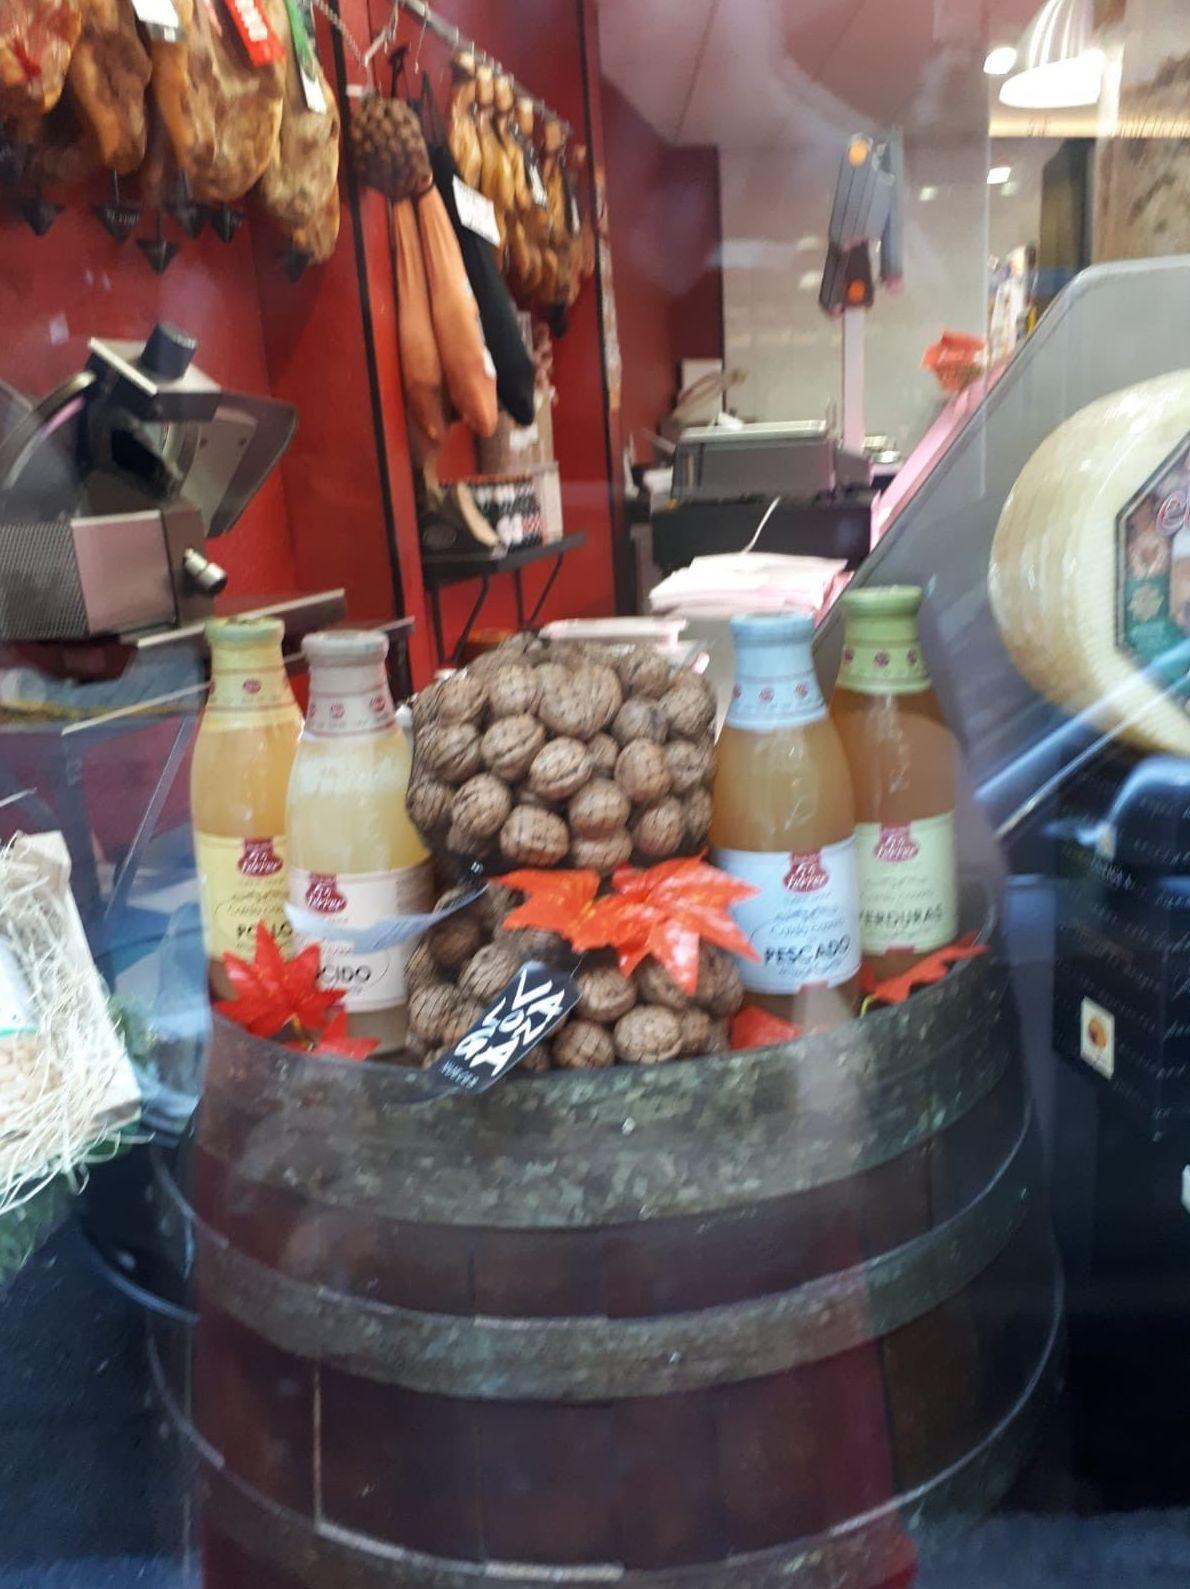 Foto 7 de Carnicería y charcutería en Zaragoza | Carnicería Charcutería Valero y Marimar